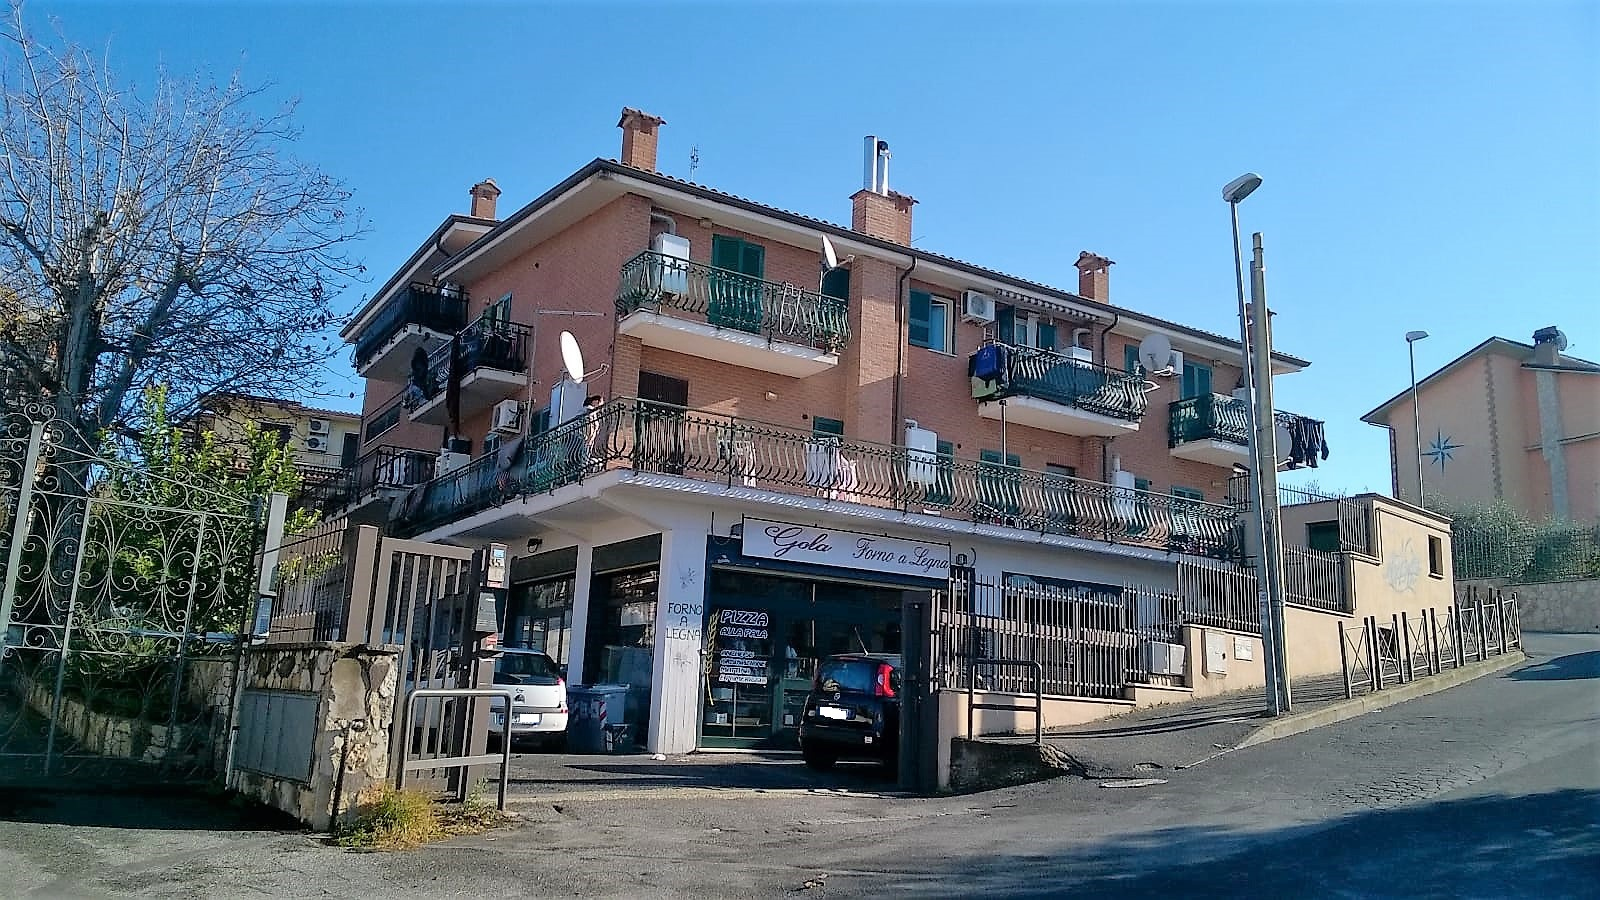 Negozio / Locale in vendita a Fonte Nuova, 9999 locali, zona Località: TorLupara, prezzo € 129.000 | CambioCasa.it